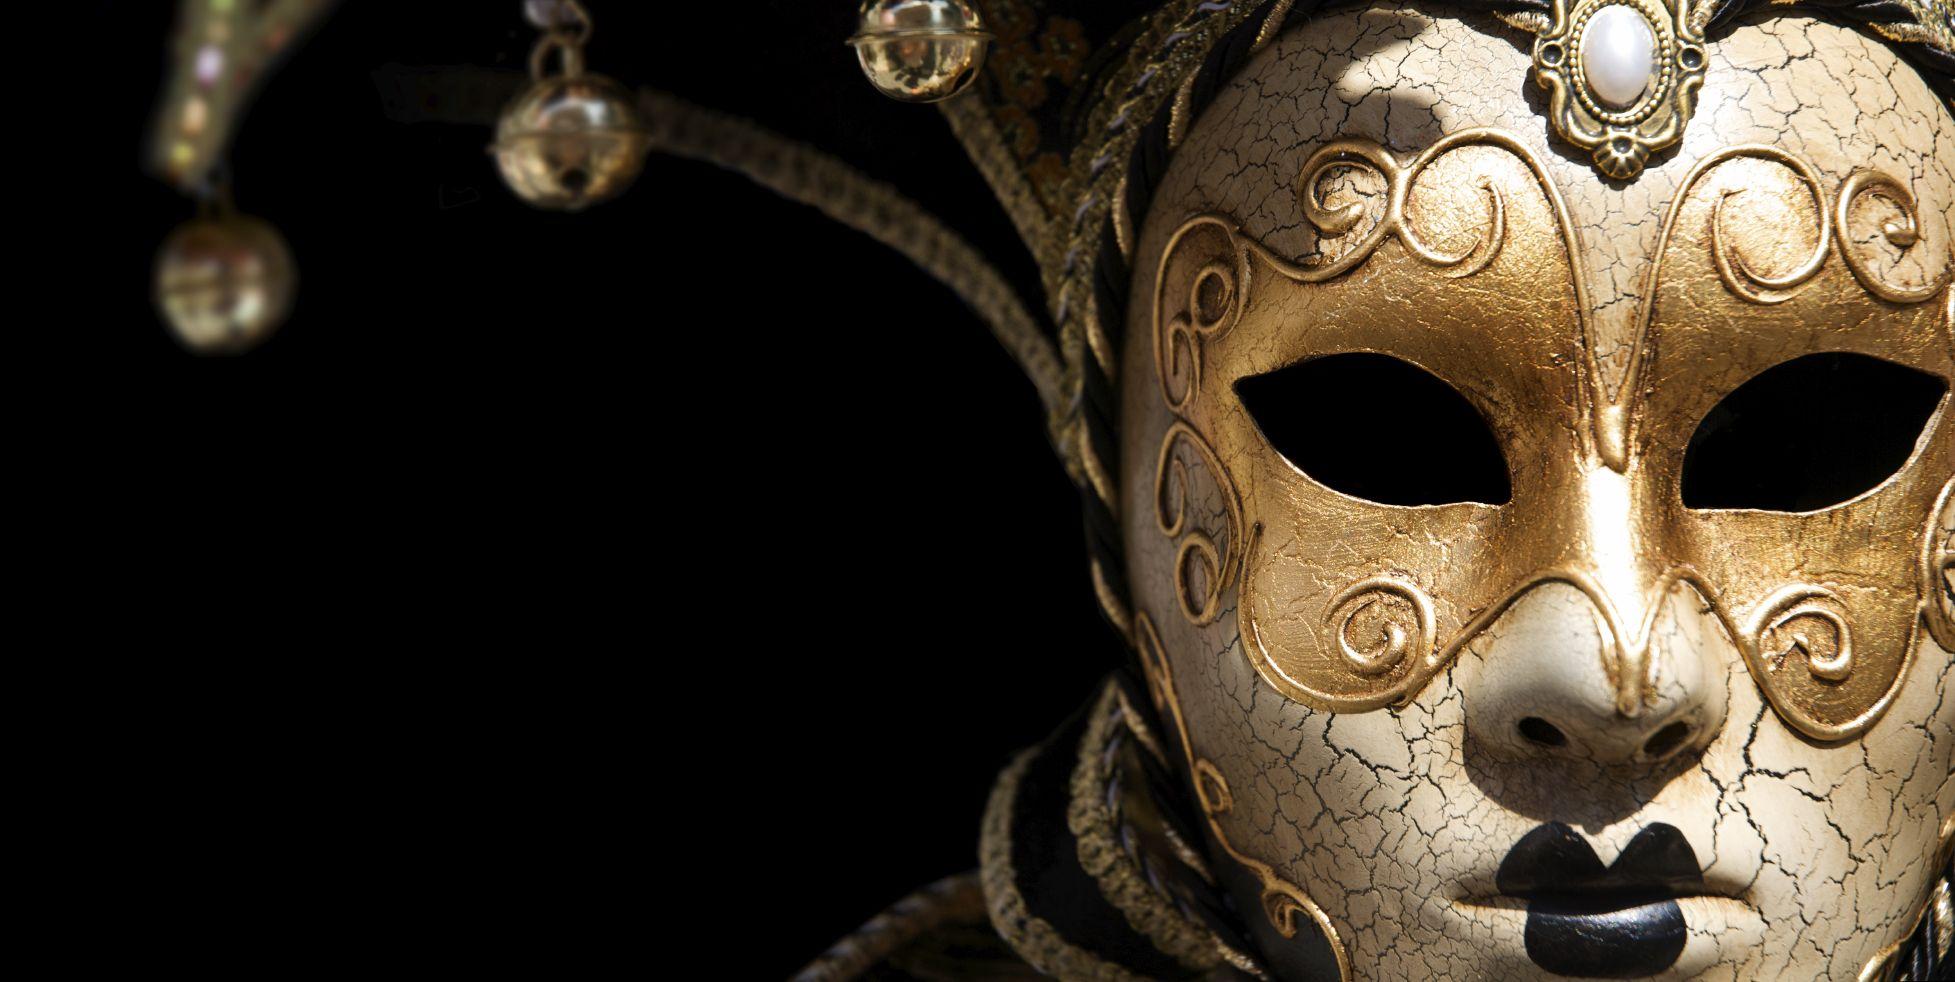 Masquerade pictures Masquerade Masks Wallpapers Masquerade